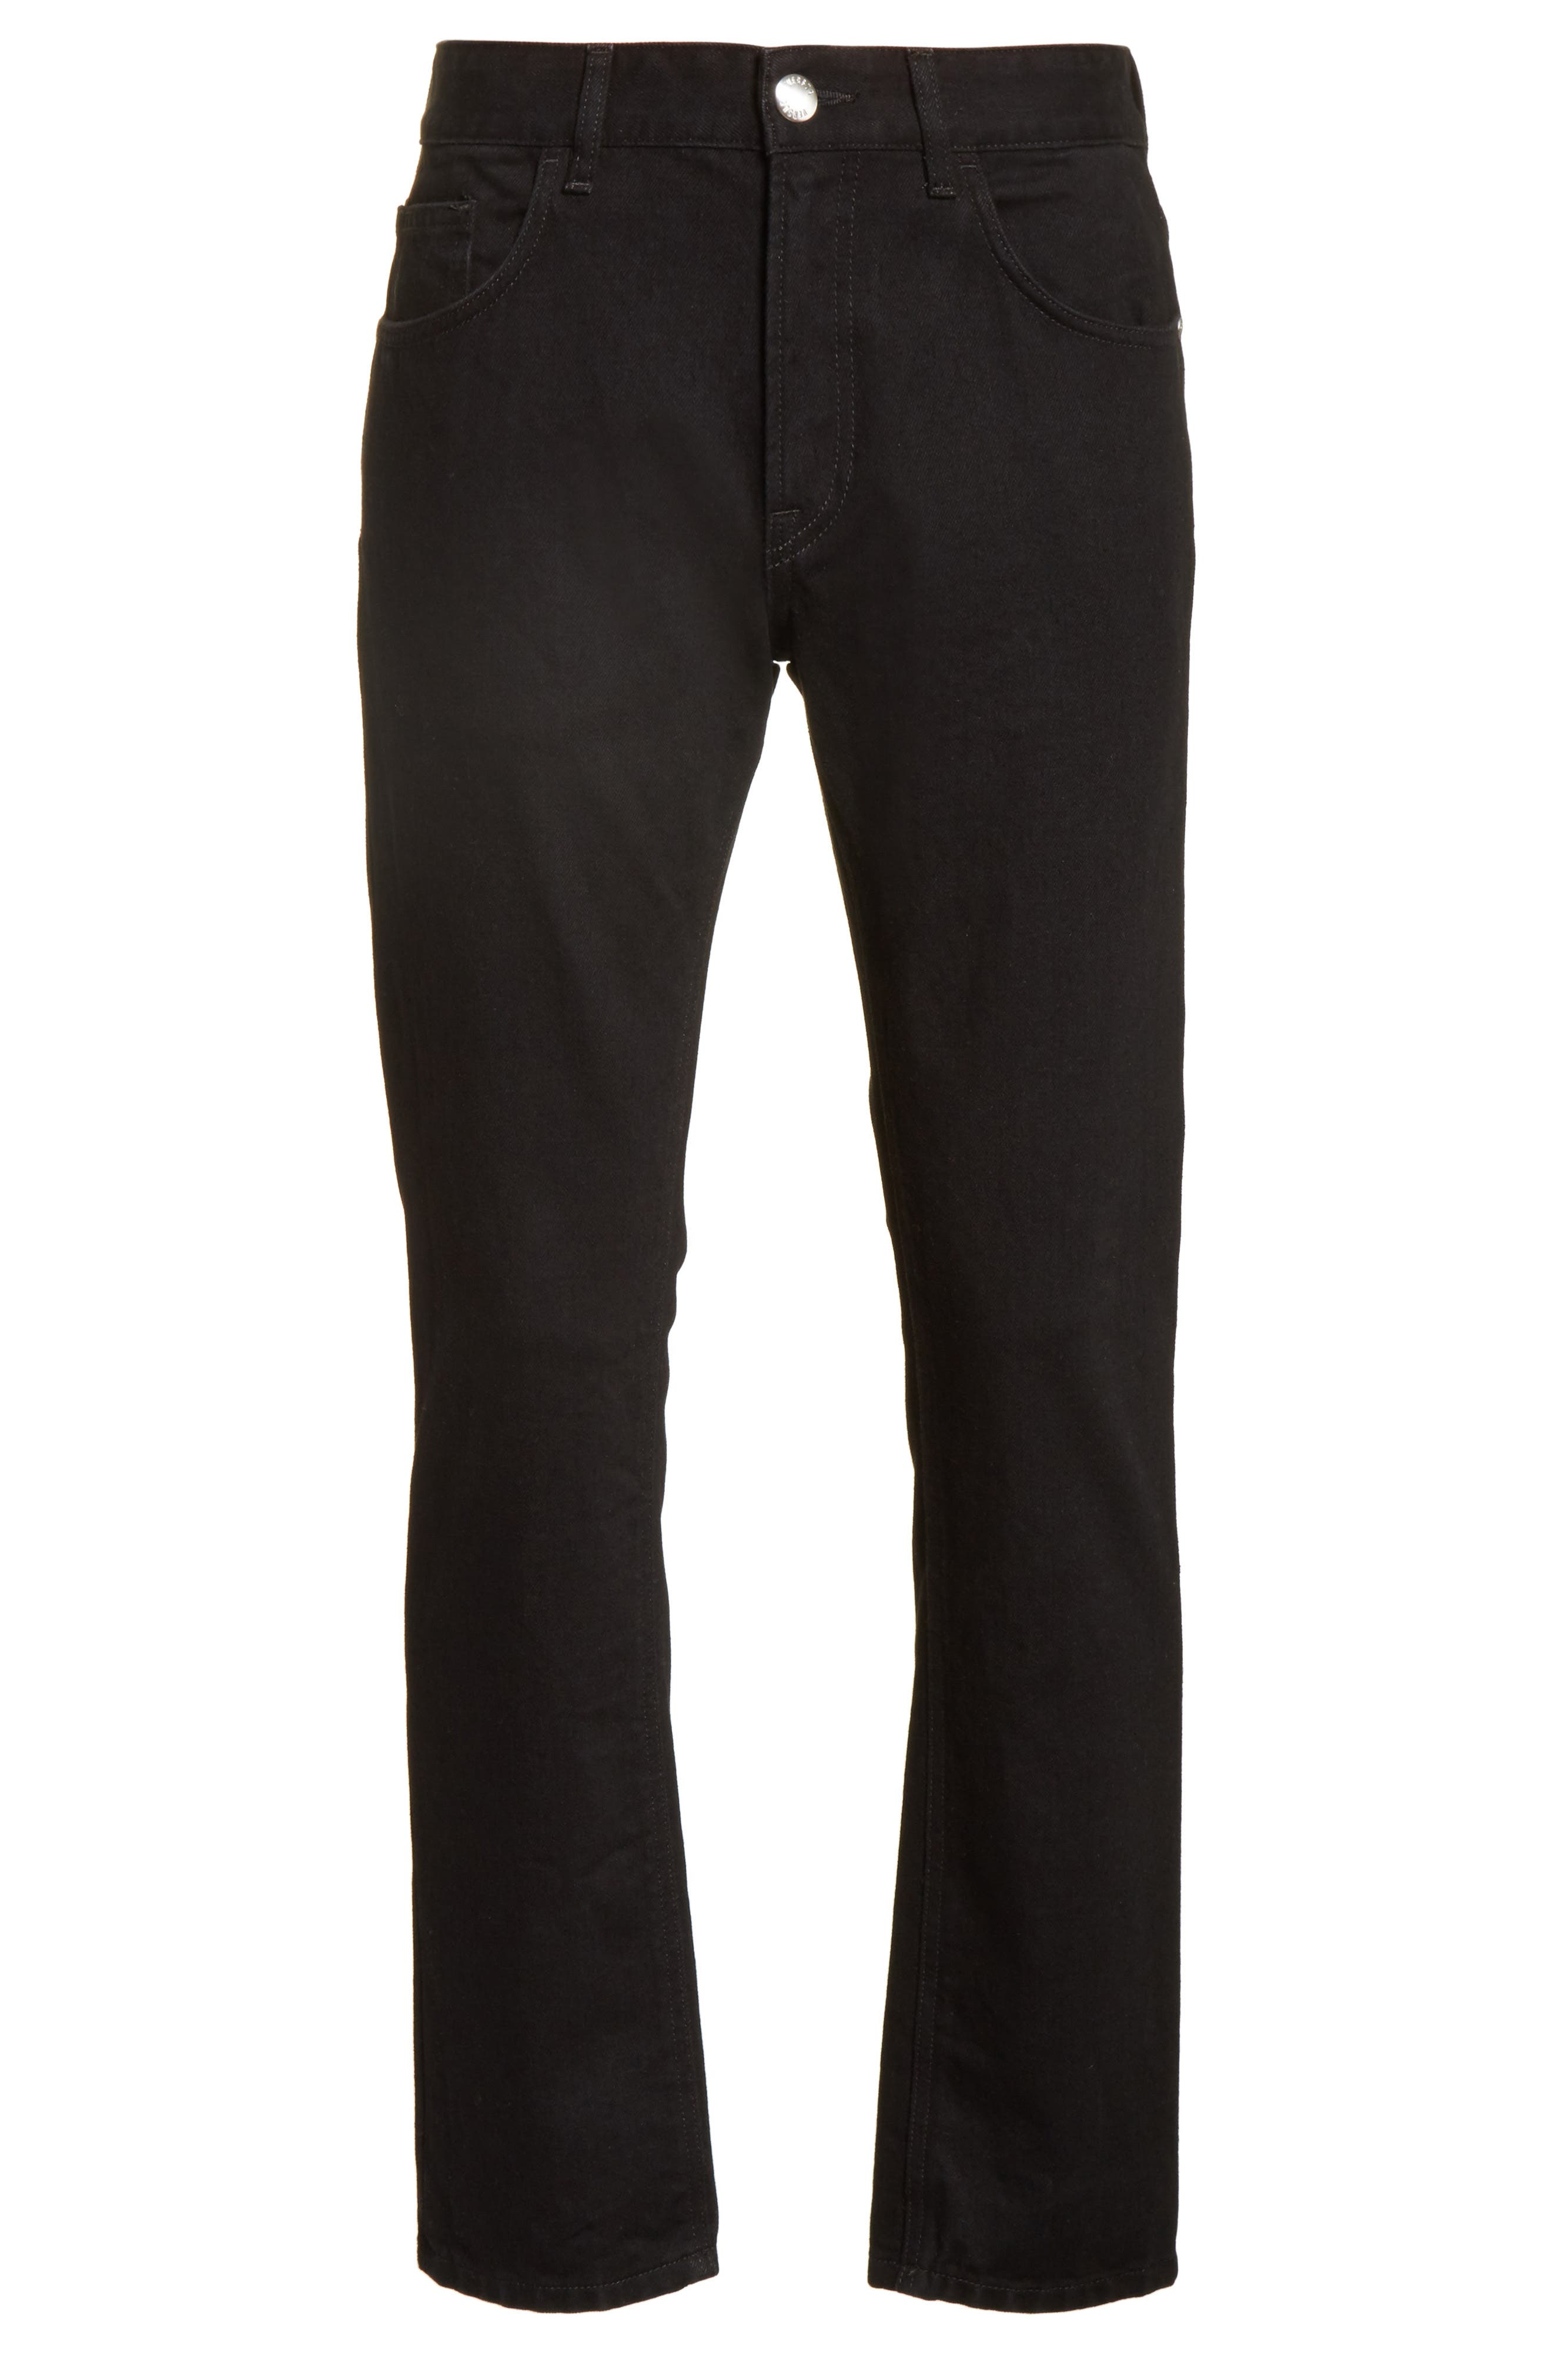 VERSUS by Versace Lion Slim Fit Jeans,                             Alternate thumbnail 6, color,                             Black